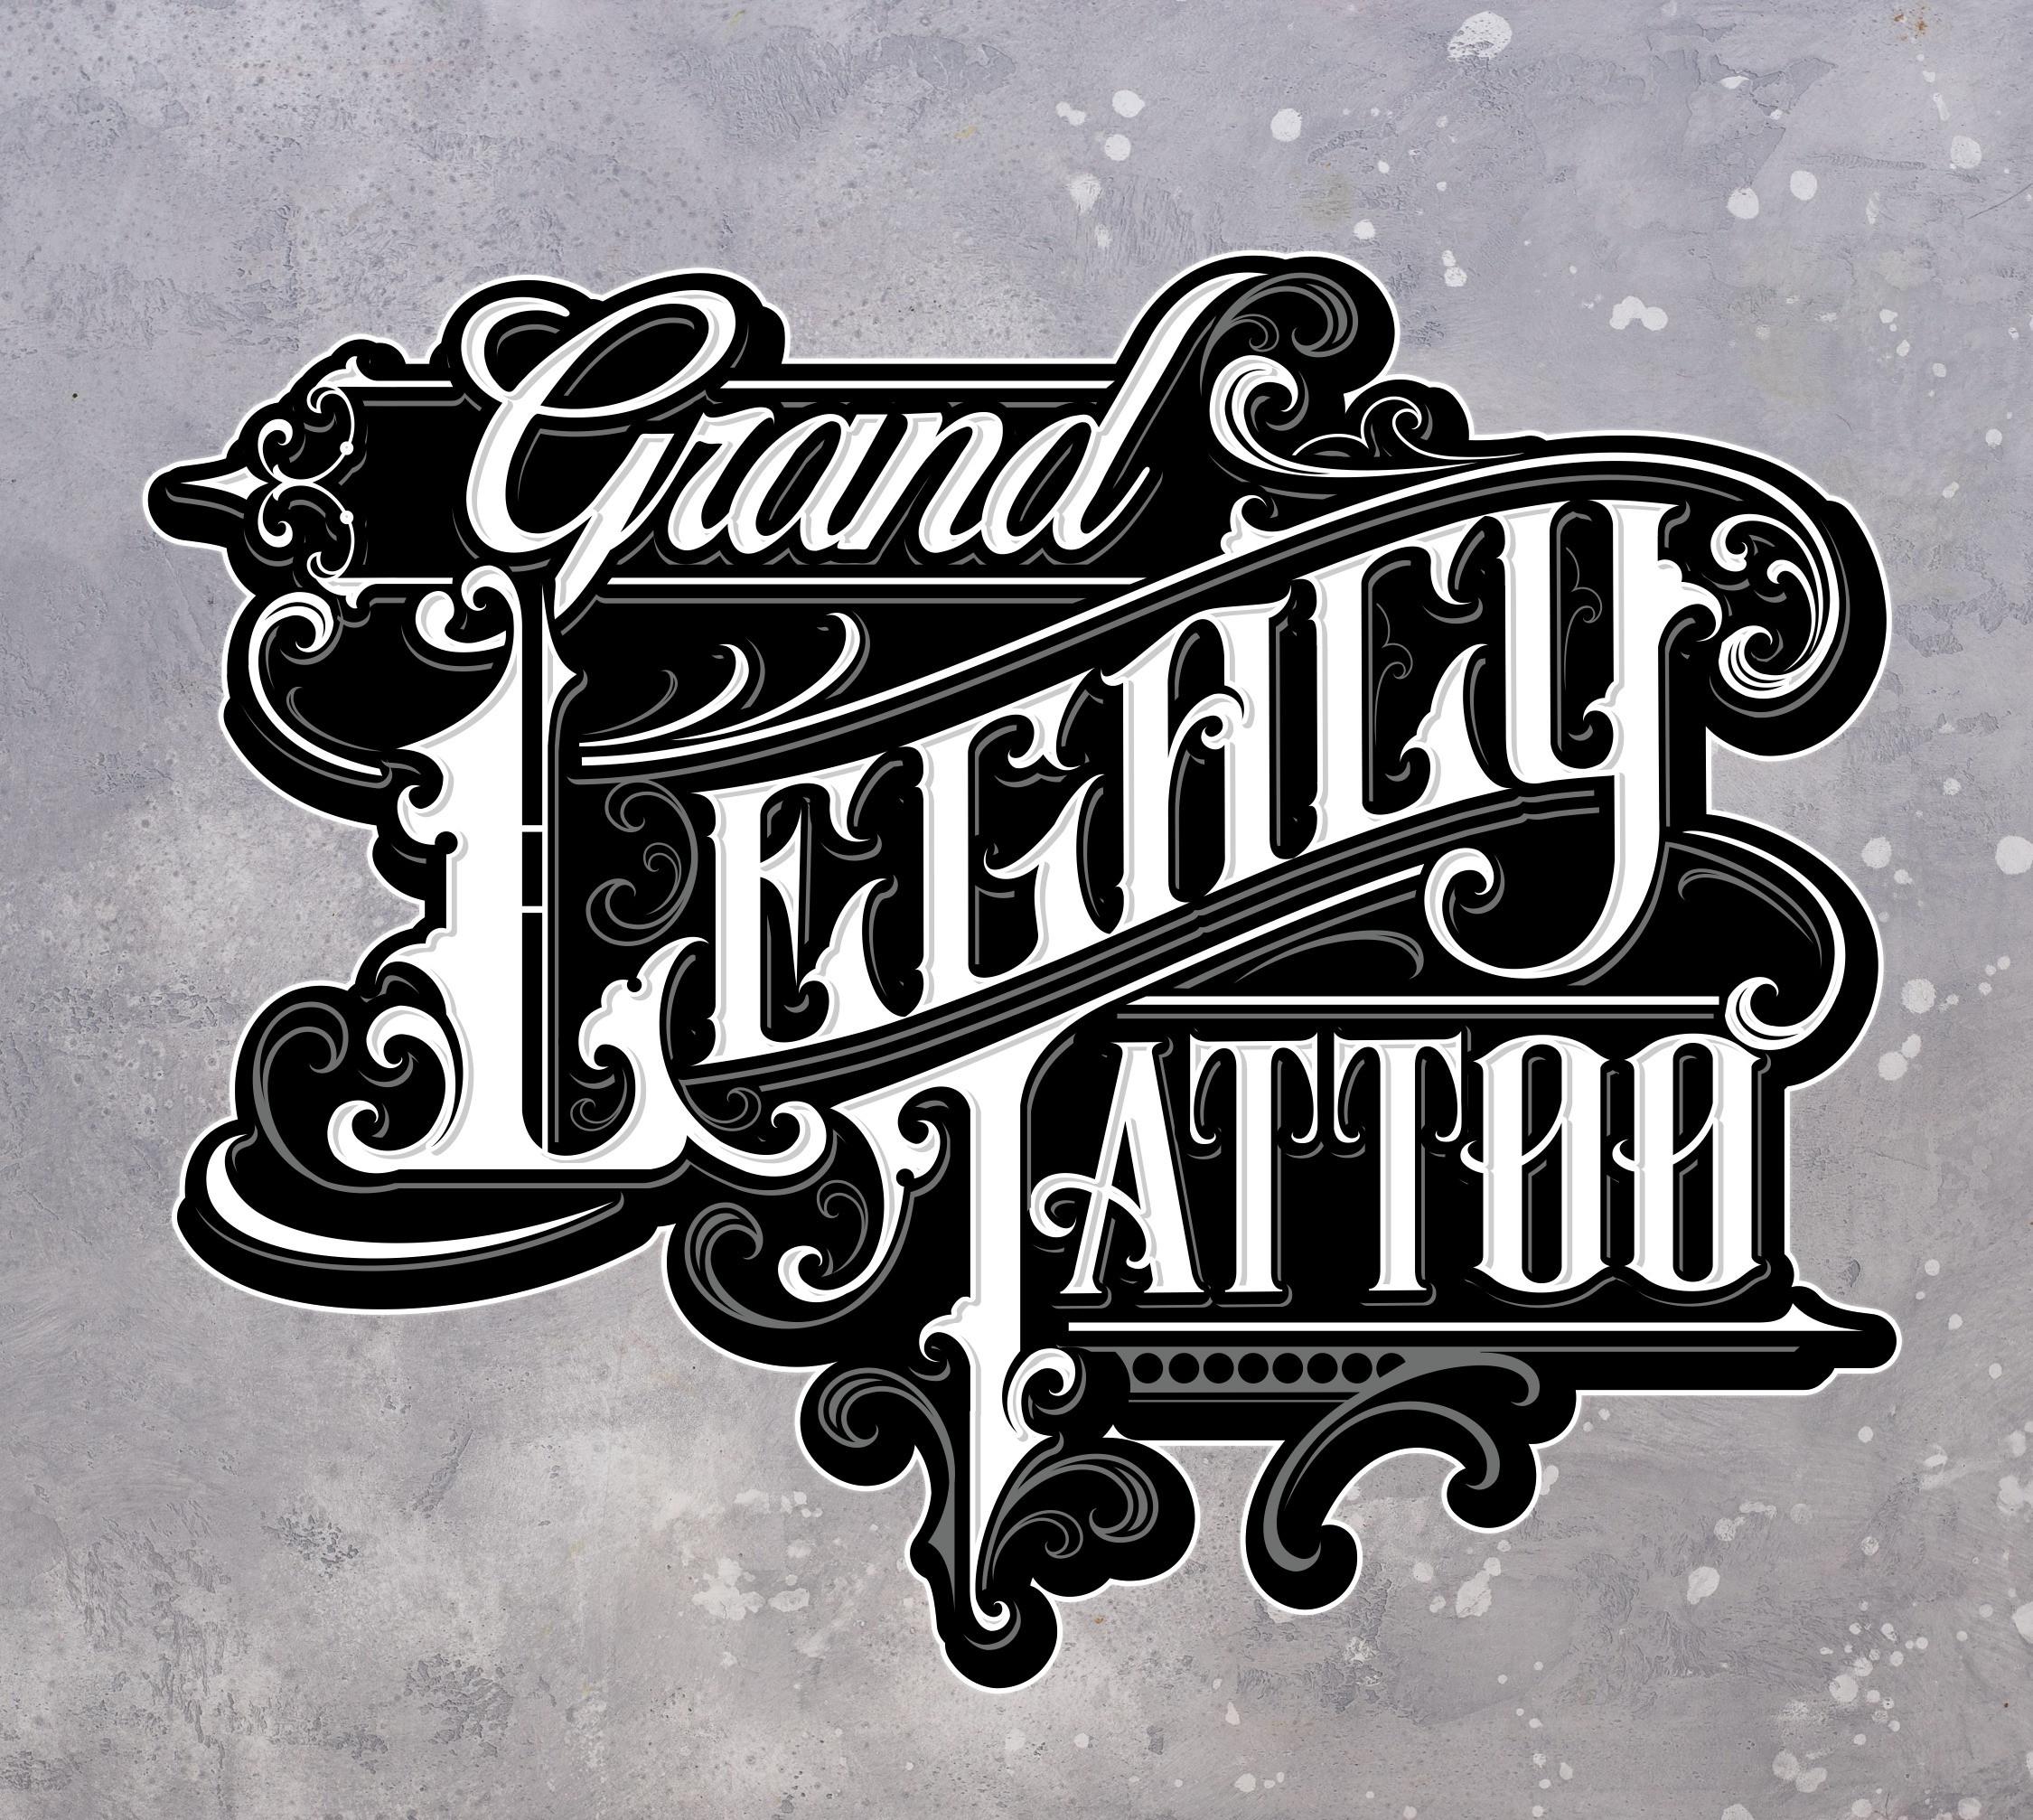 Grand Legacy Tattoo Homepage